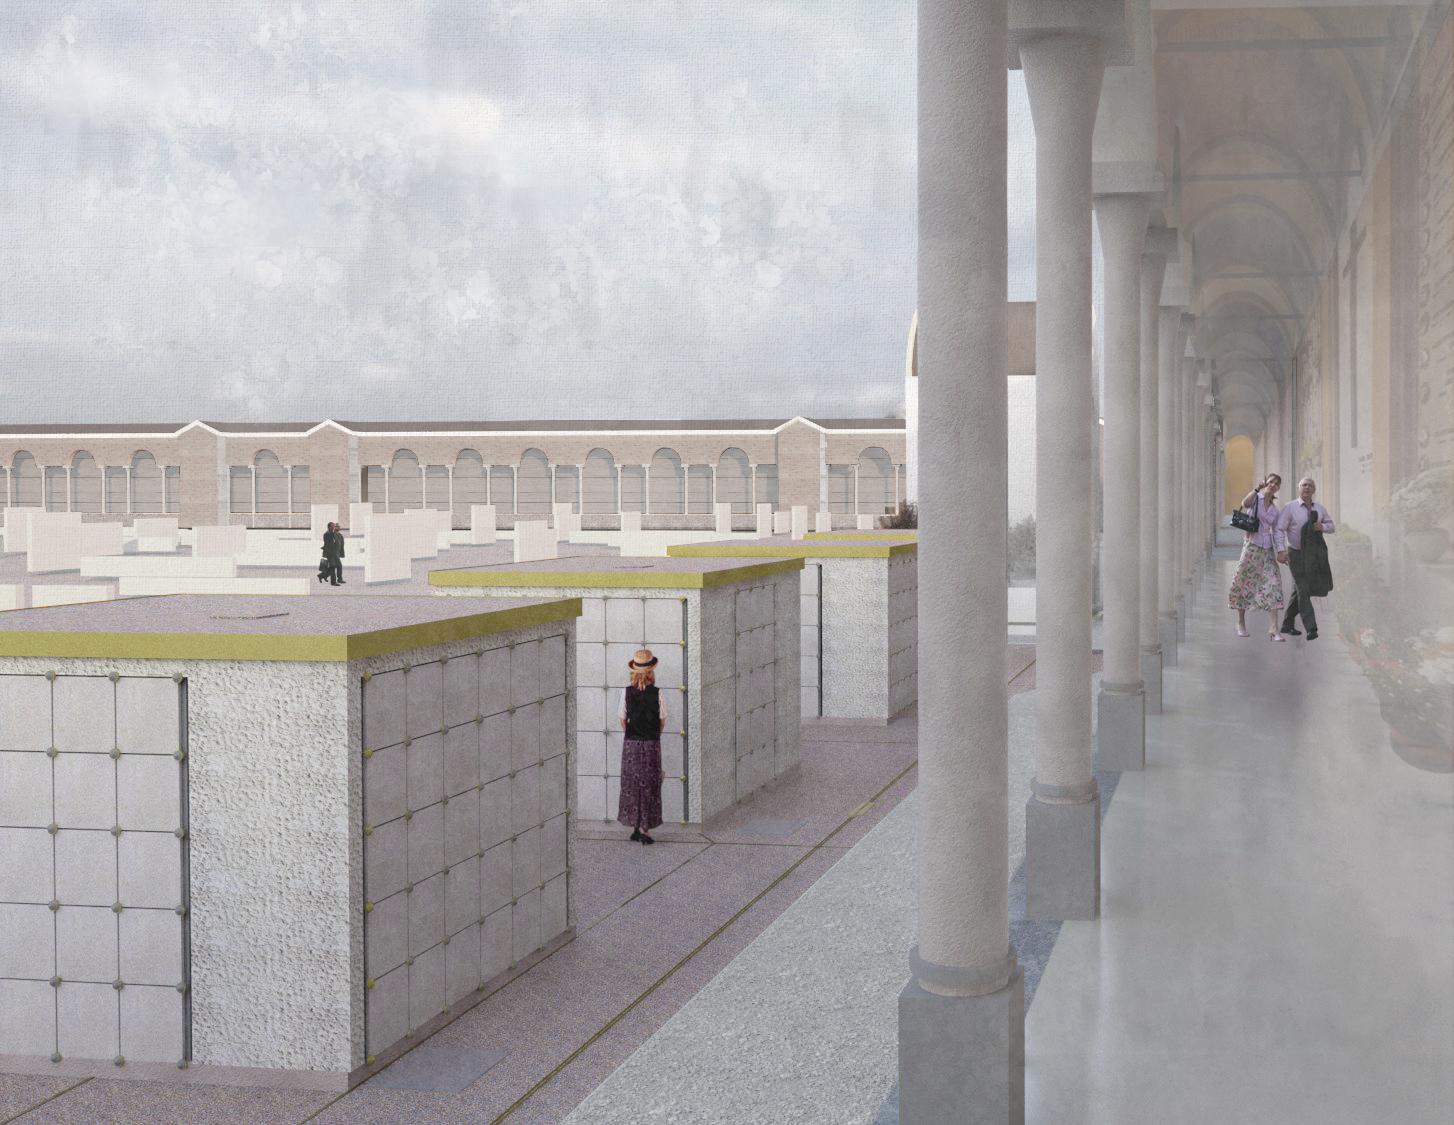 fgsa studio architettura milano fabrizio guccione giulia guarrasi paolo tatavitto lodi cimitero ossari cimitery ossuary charnel house